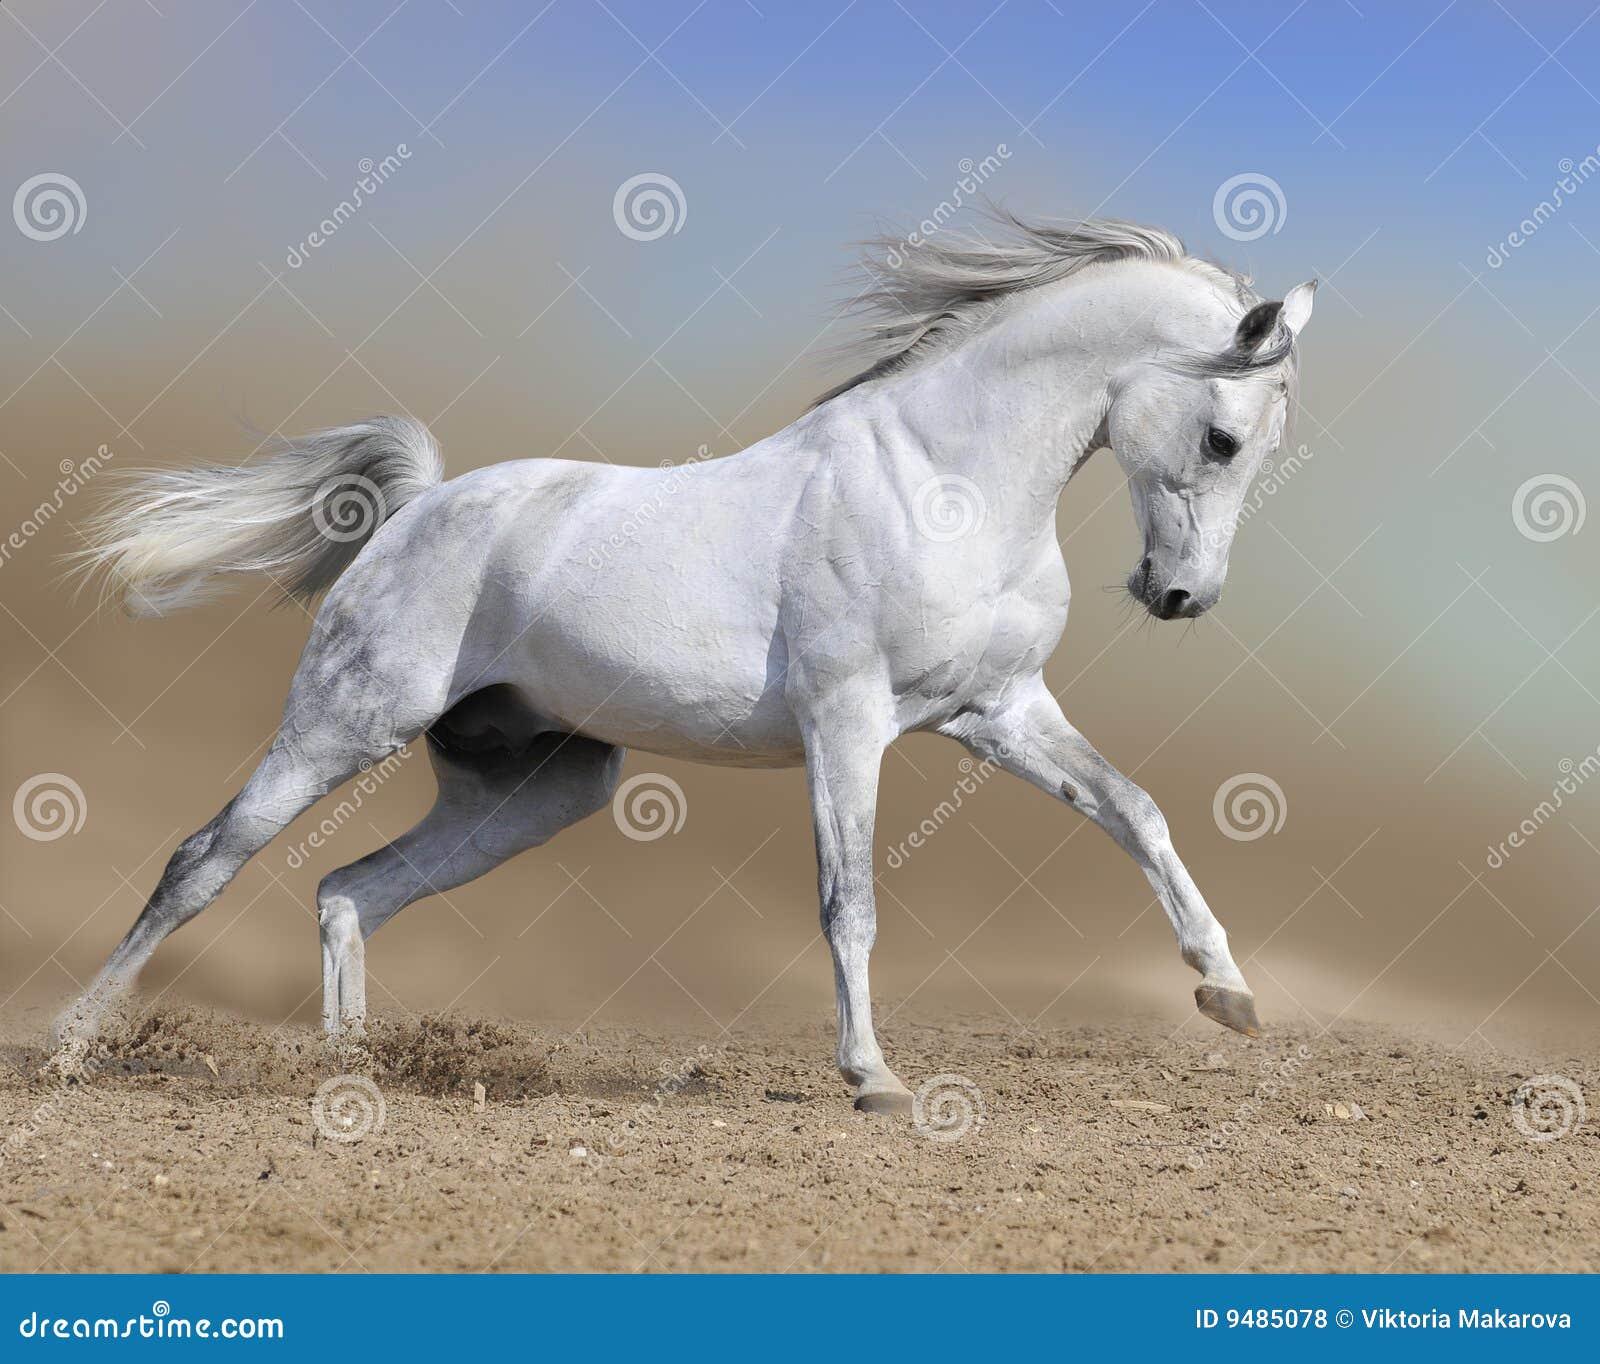 De witte looppas van de paardhengst galoppeert in stofwoestijn